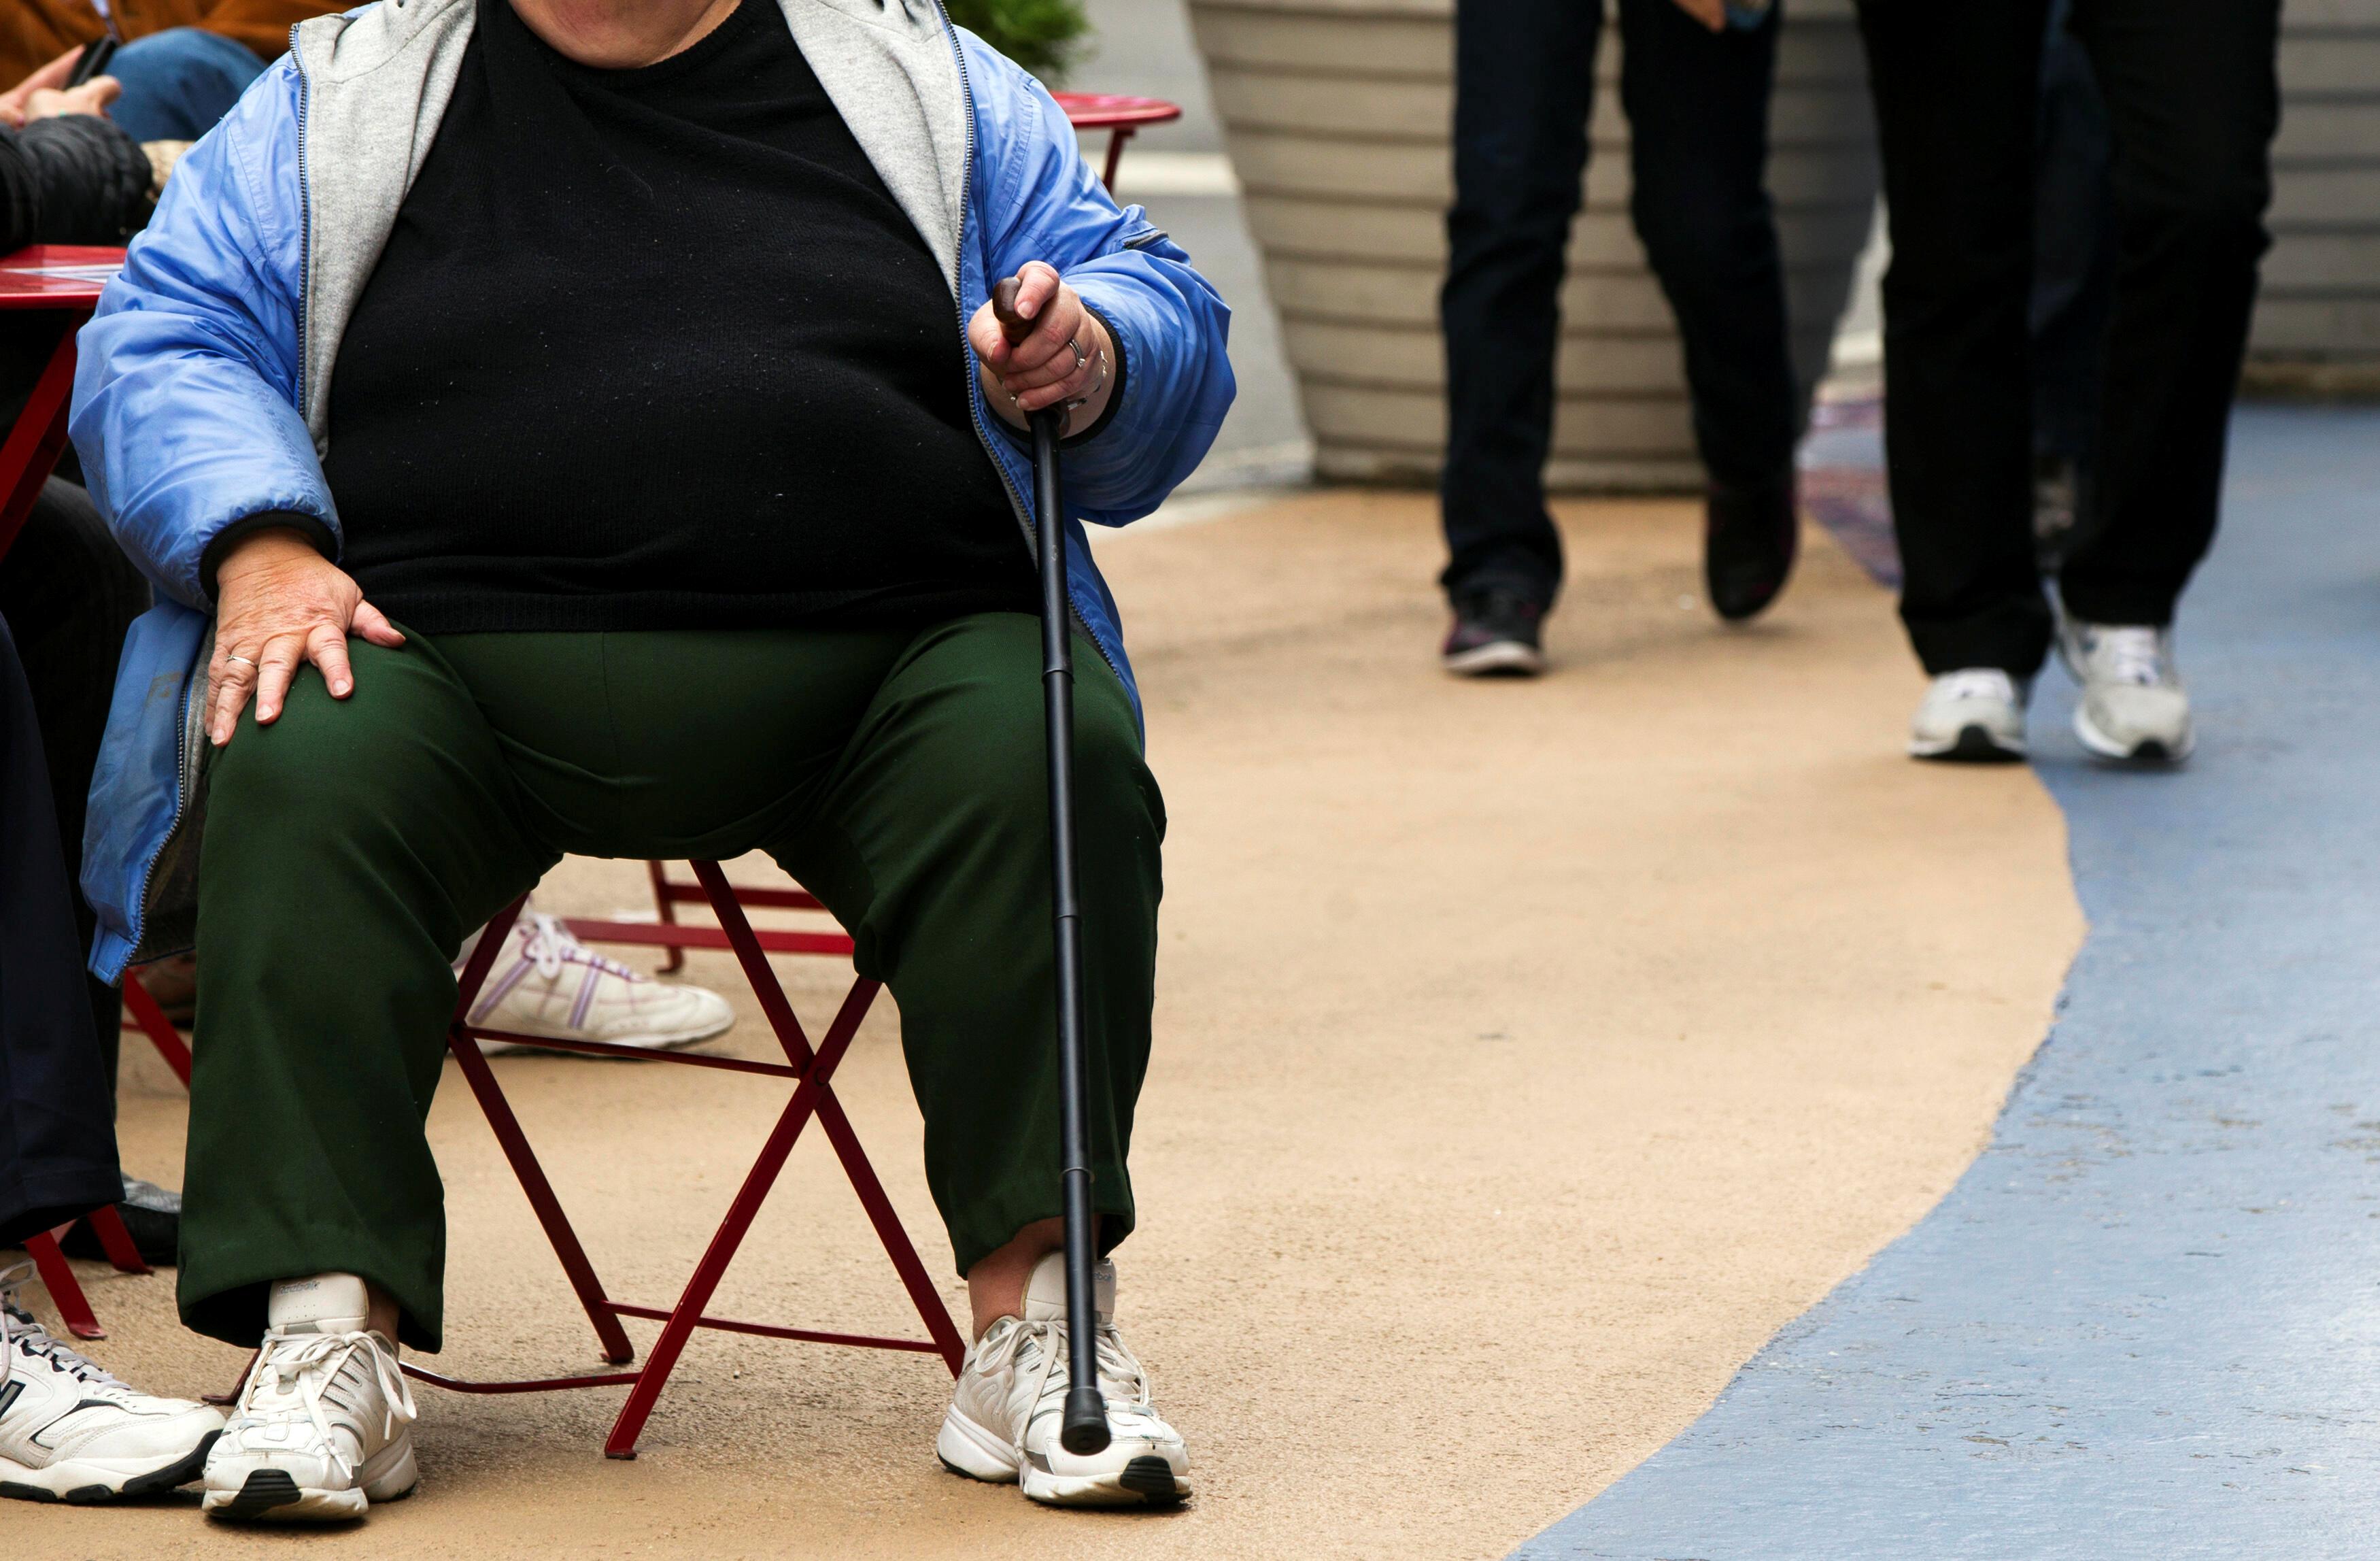 اثرات مشکلات روانپزشکی در درمان اضافه وزن